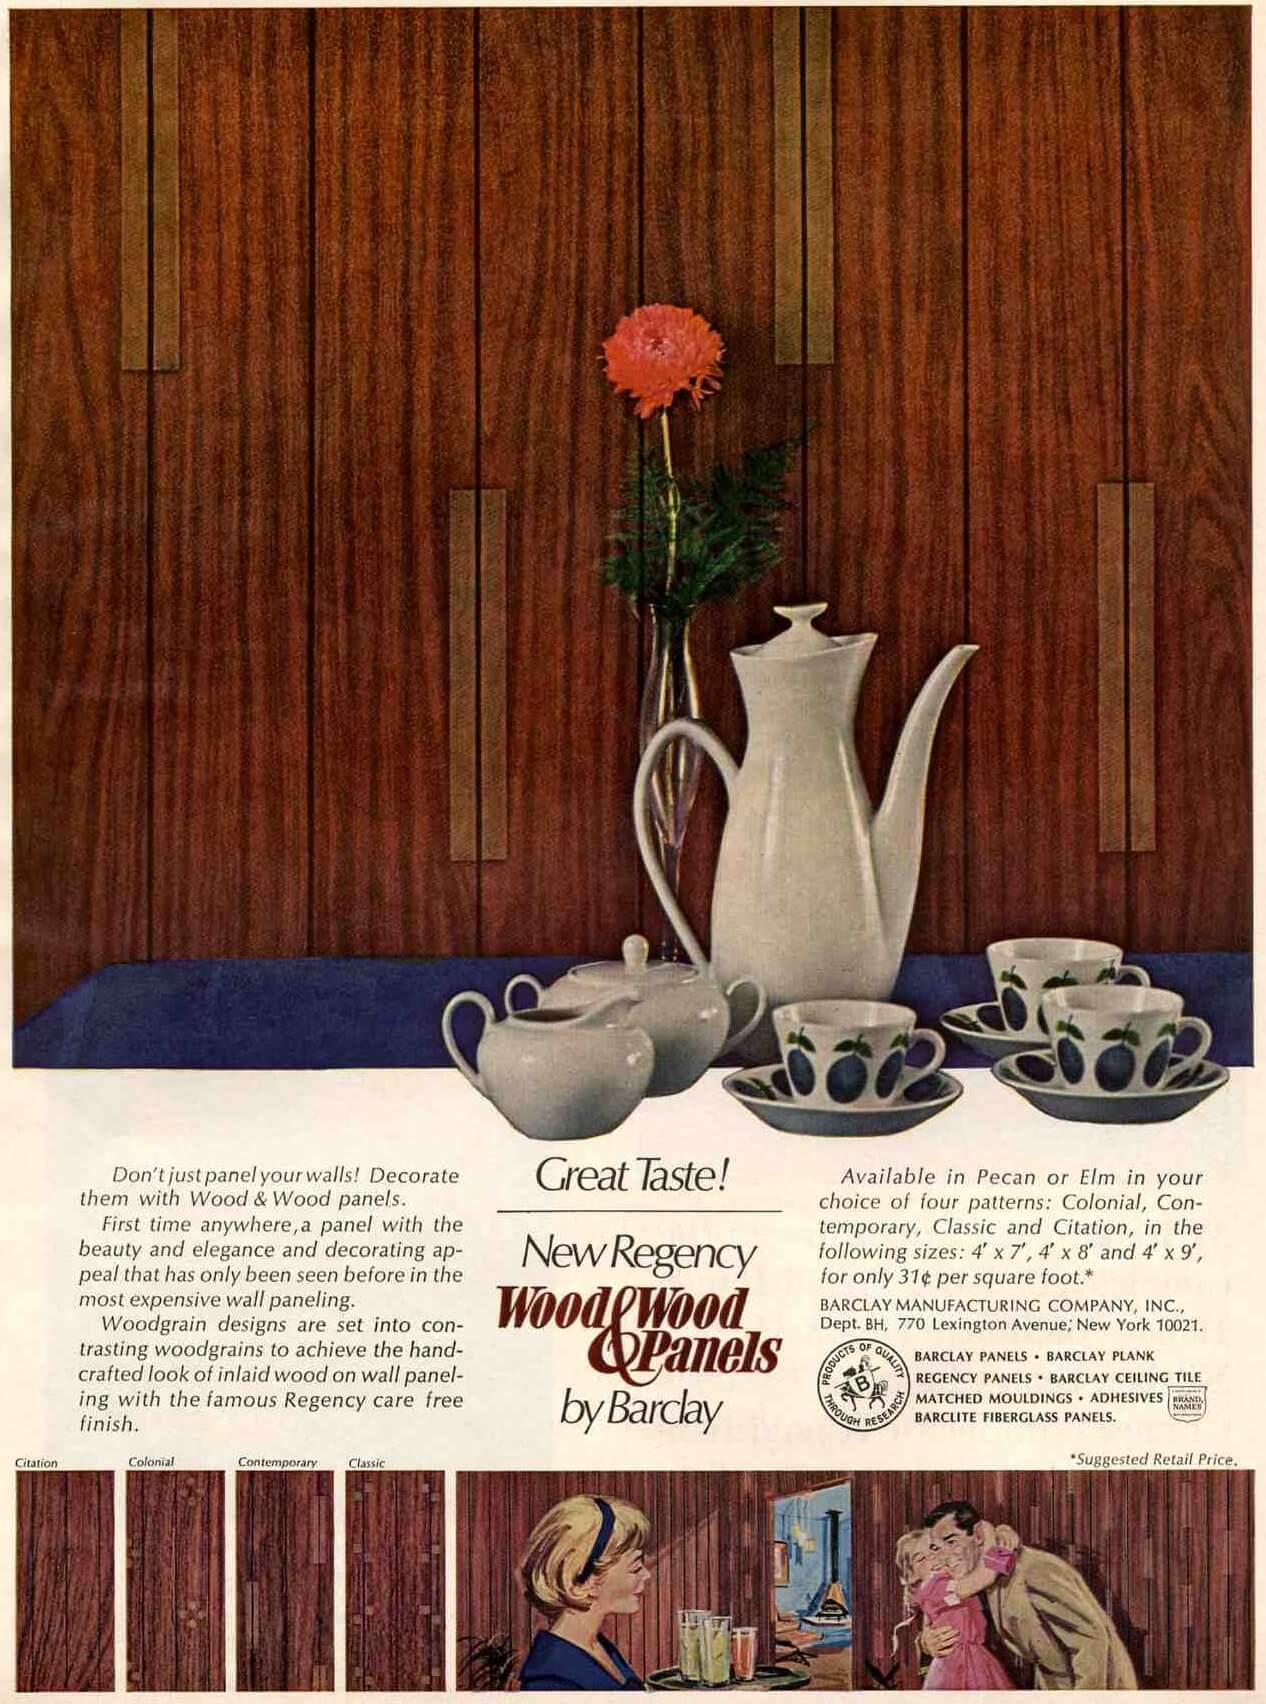 vintage wood paneling ad